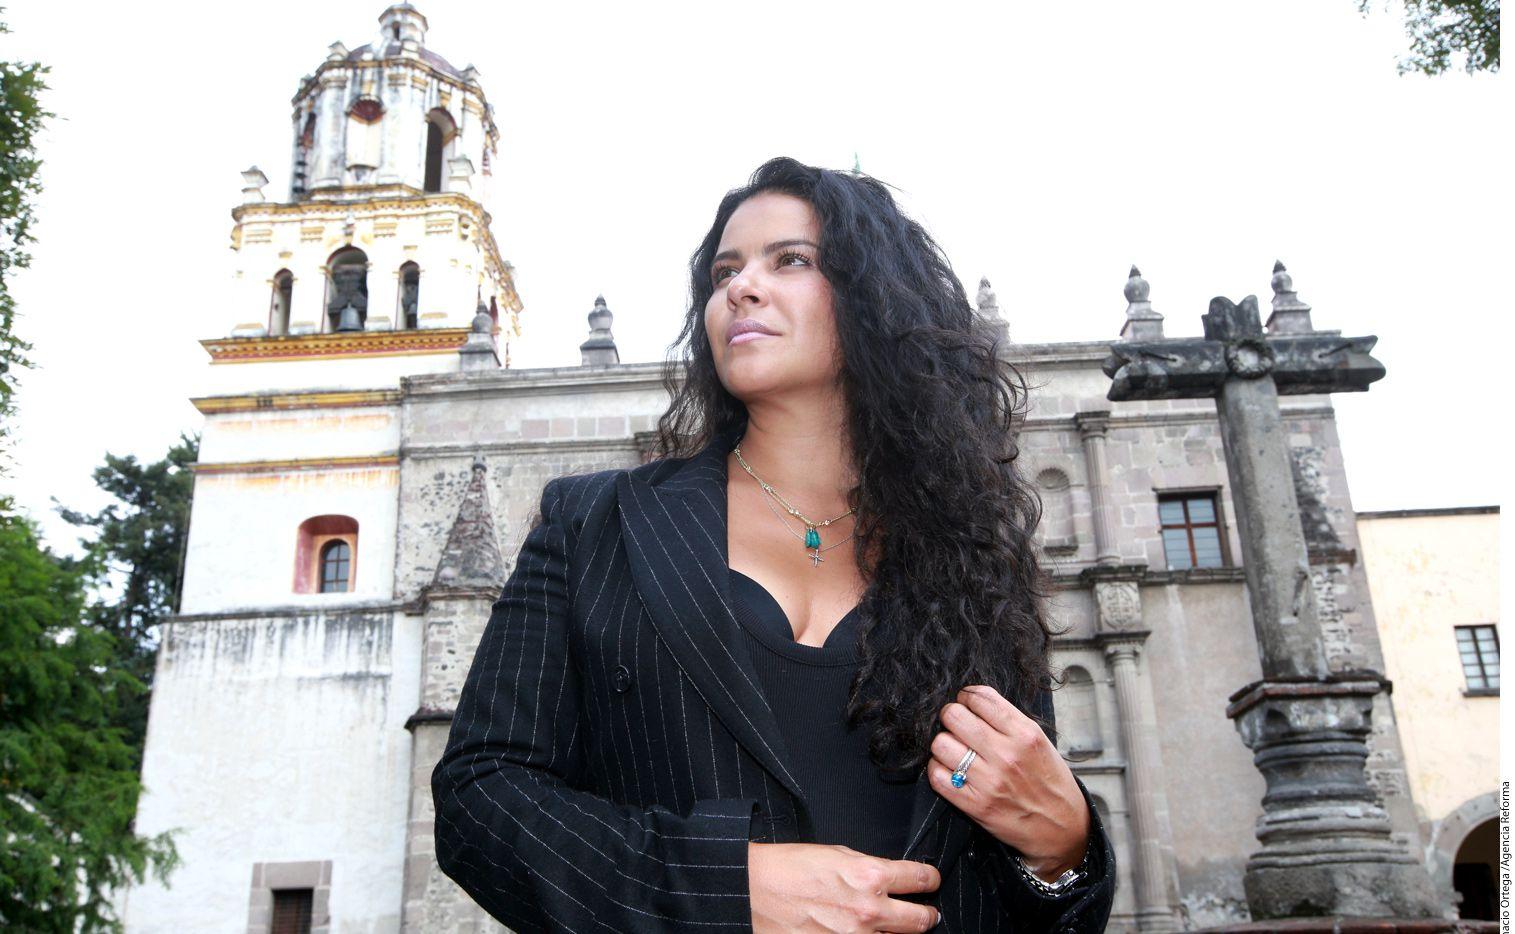 Para encarnar al personaje de Aracely Paniagua en las tres temporadas de Señora de Acero, Litzy pidió consejos a un General retirado del Ejército mexicano: su padre./AGENCIA REFORMA